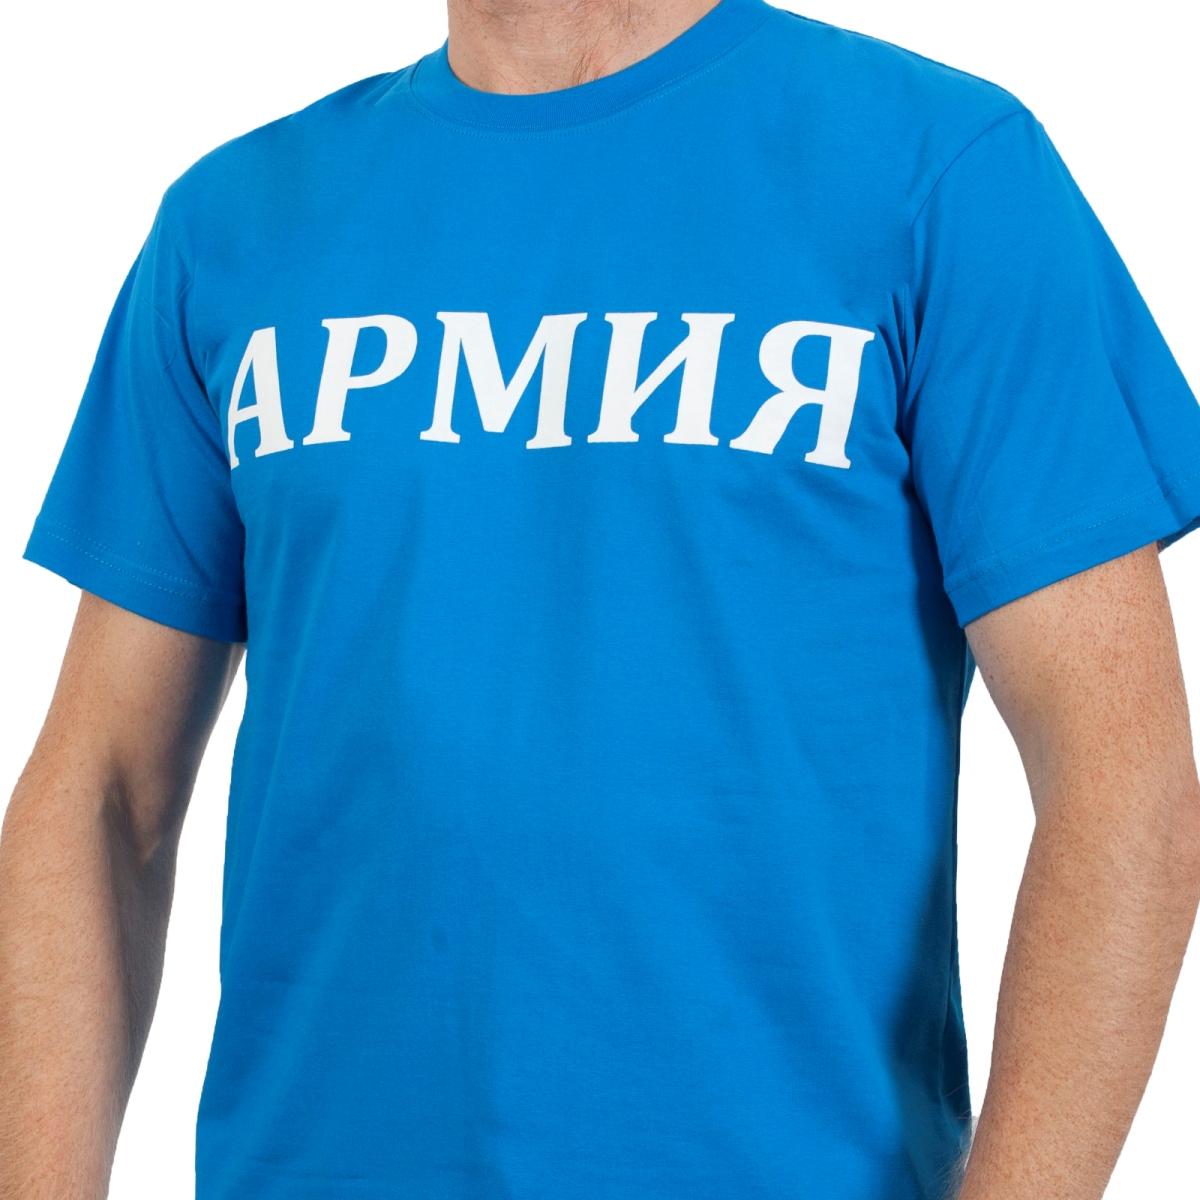 Футболка с надписью «Армия» синяя